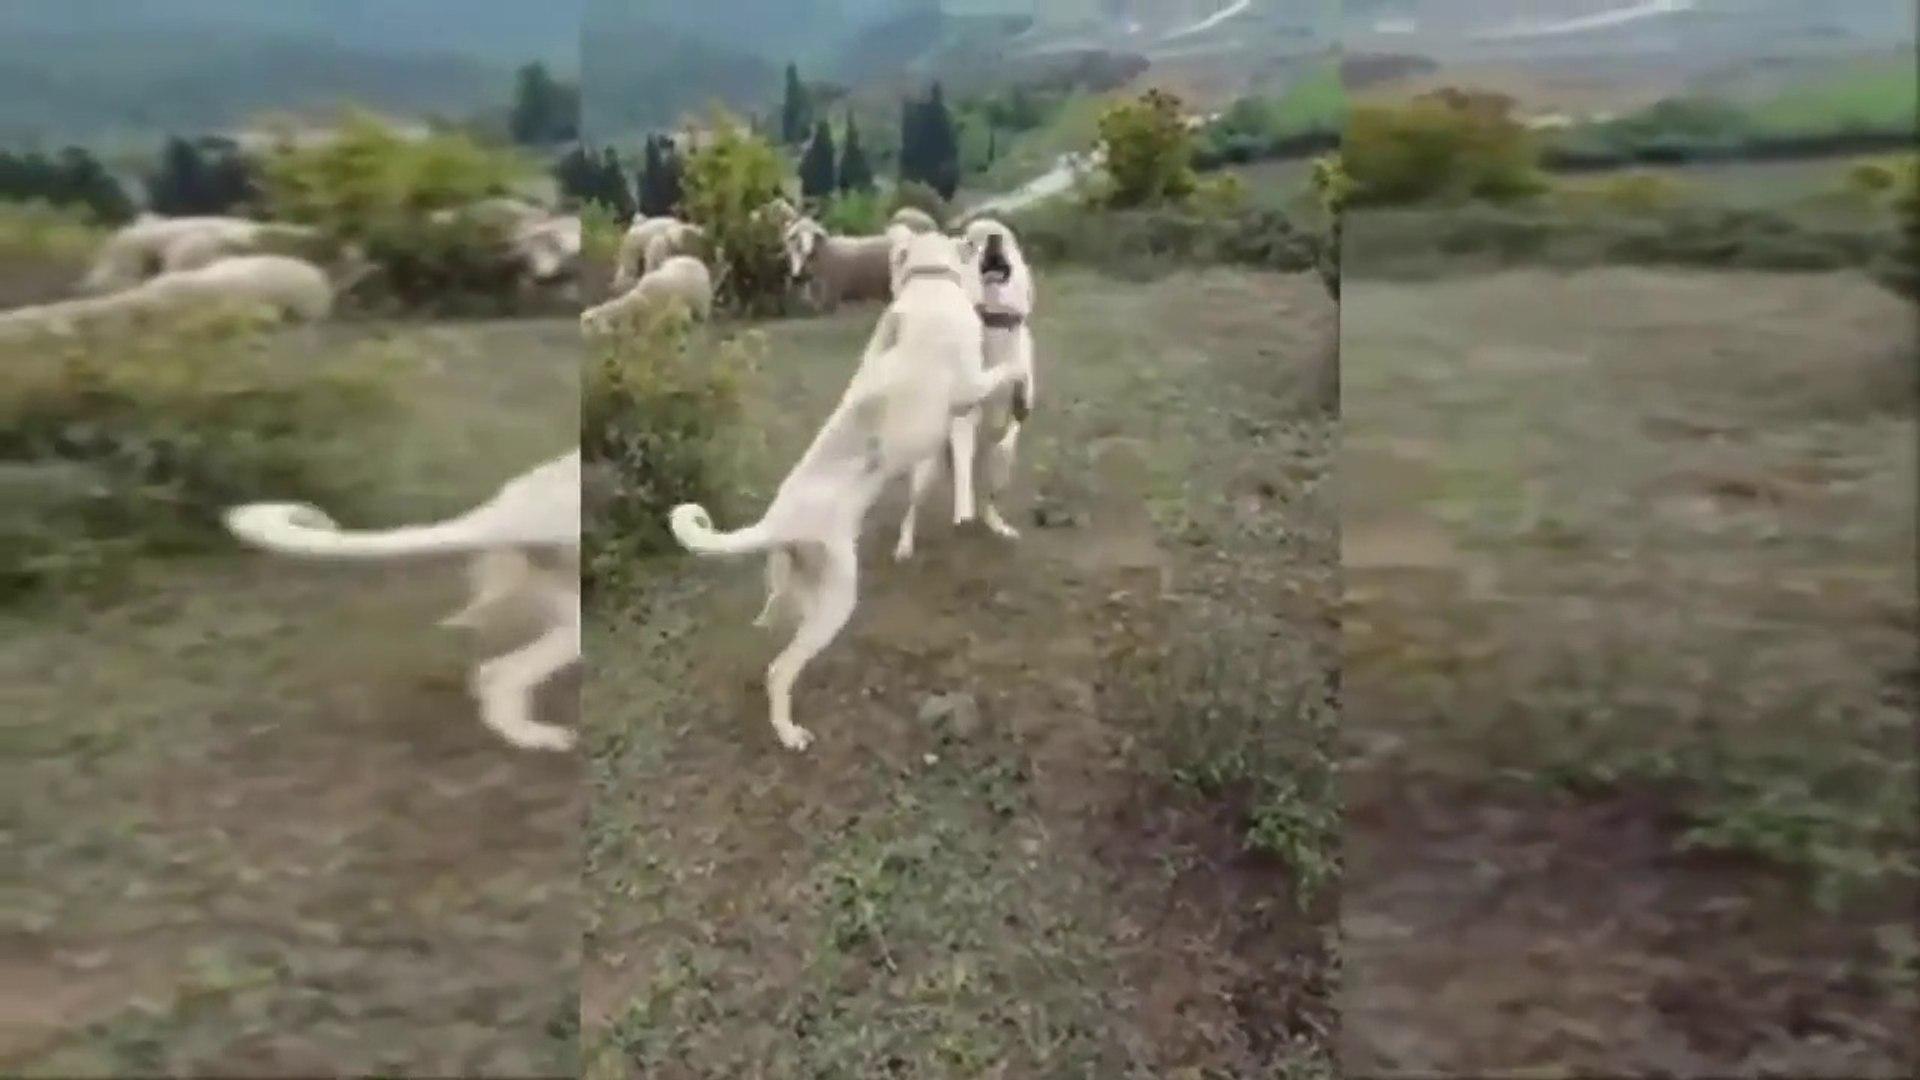 AKBASH COBAN KOPEKLERi GOREV ARASI OYUN - AKBASH SHEPHERD DOGS